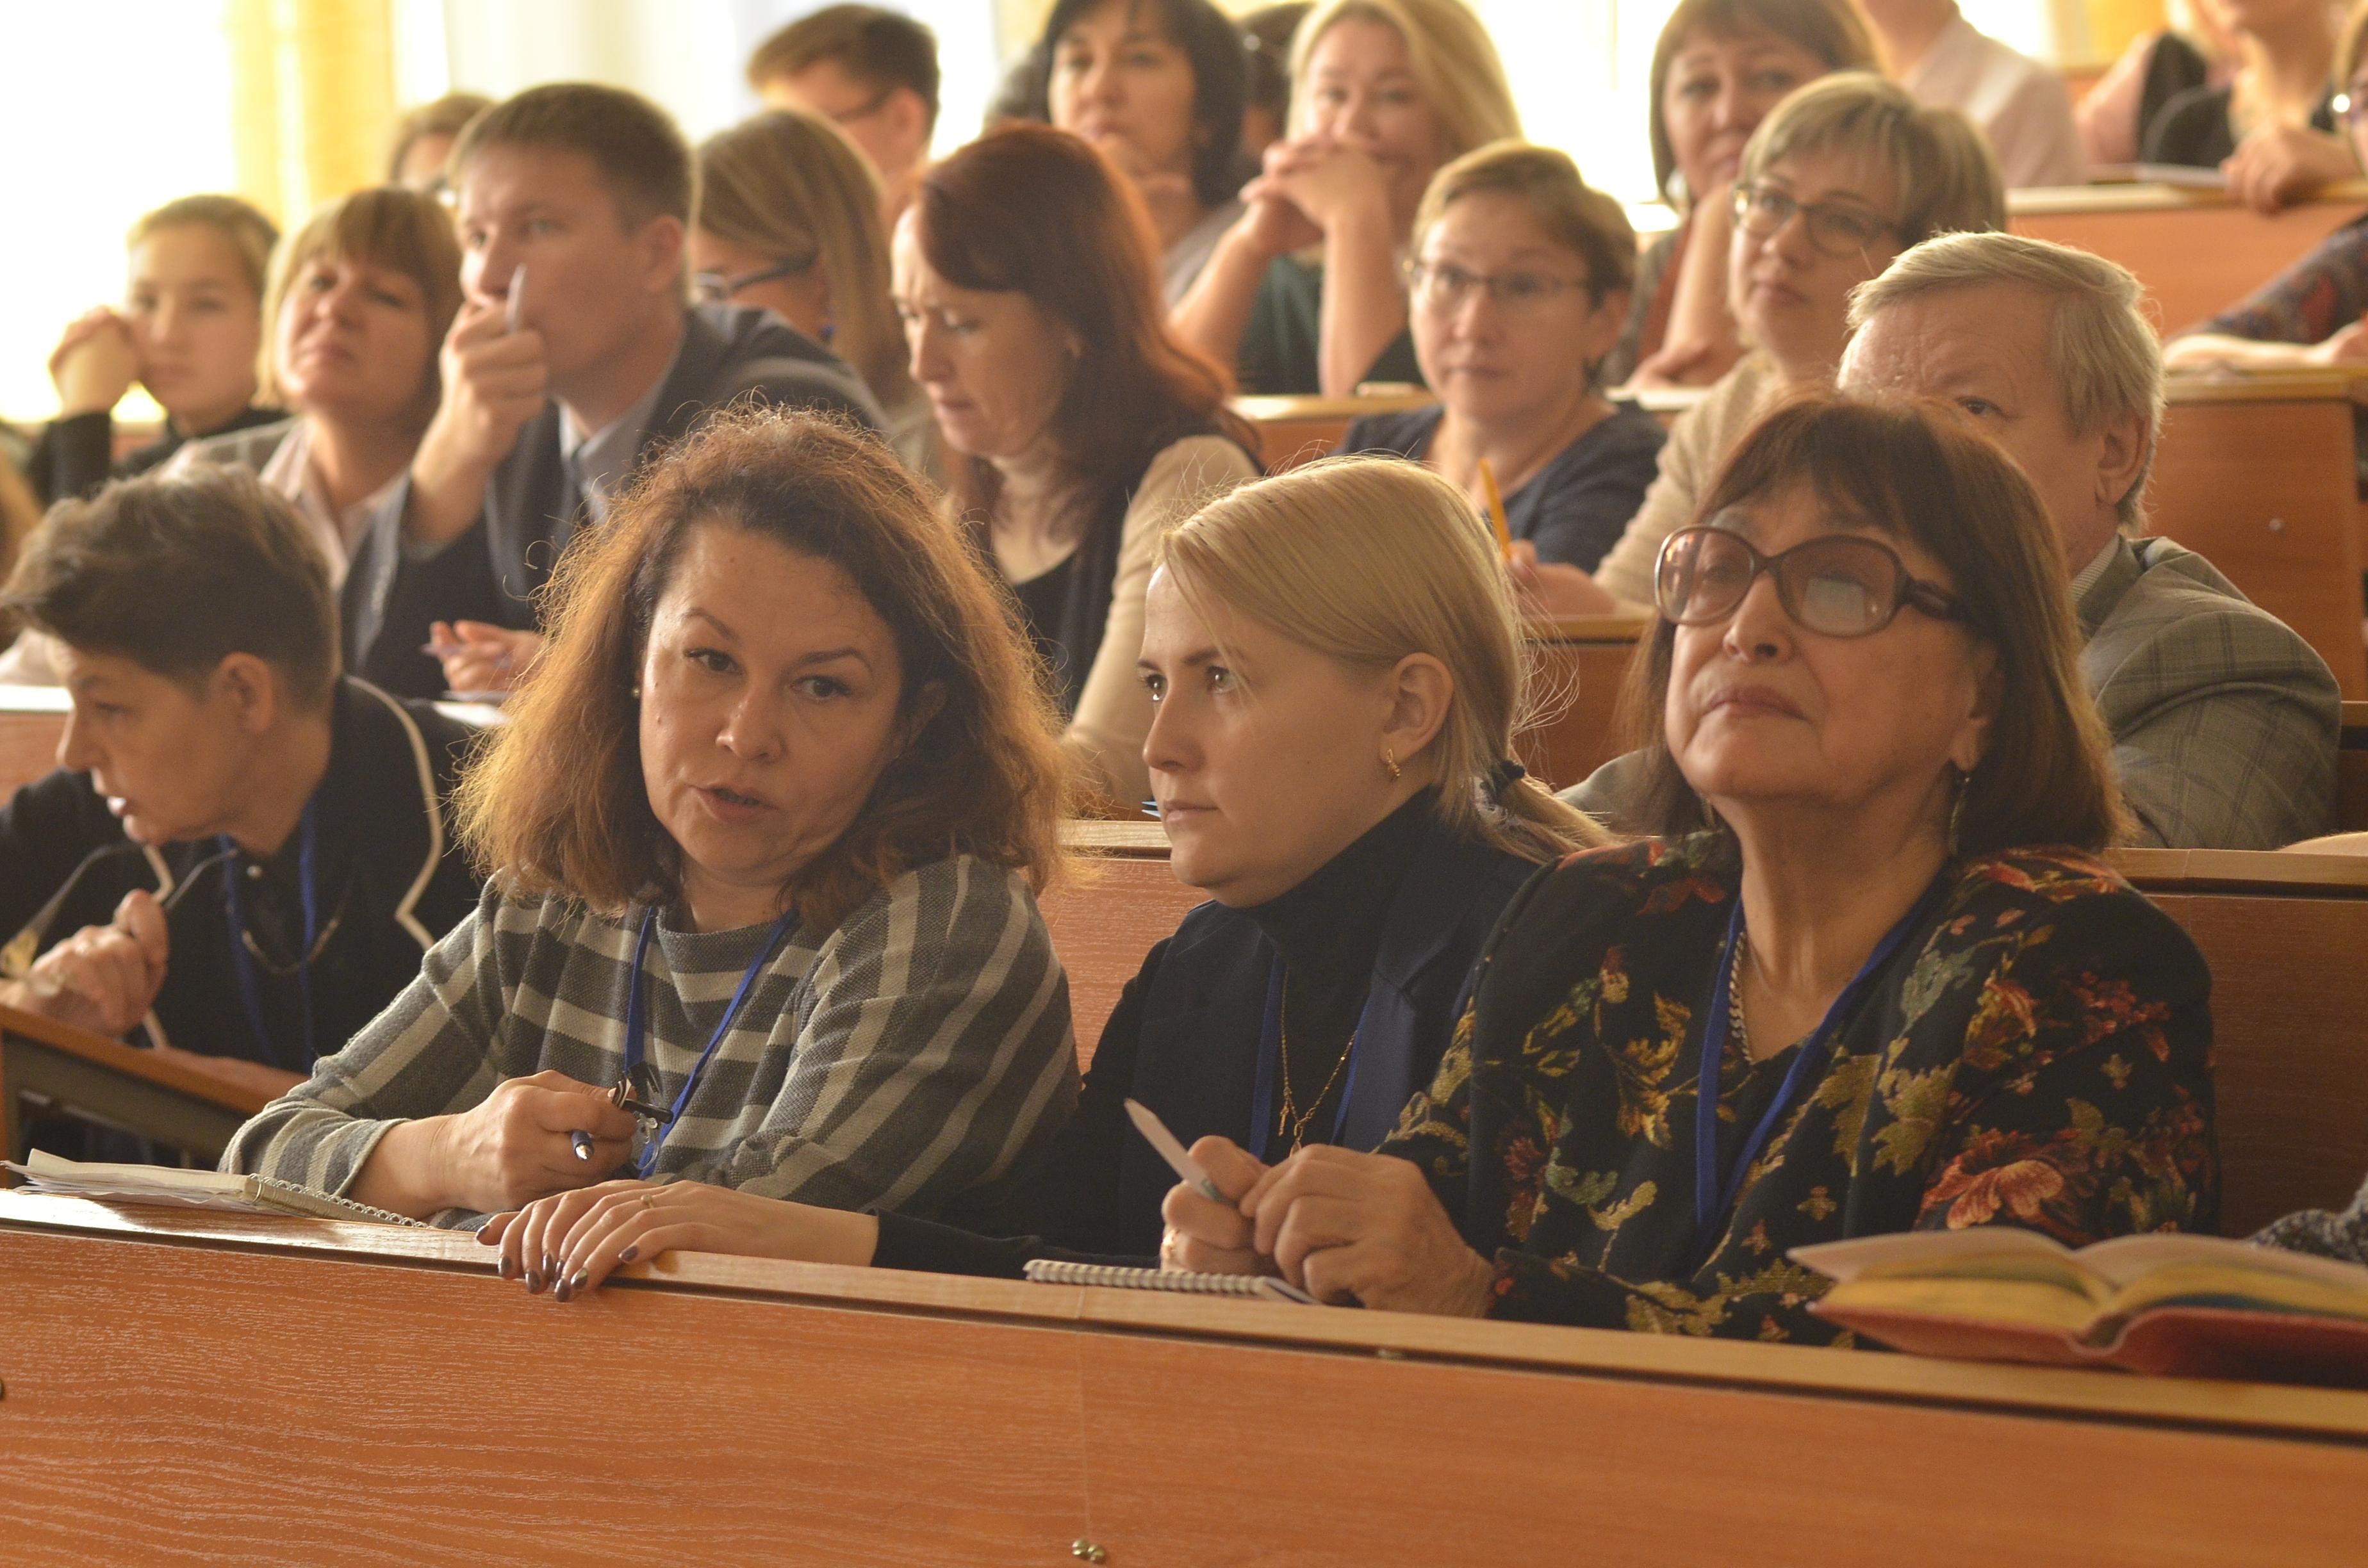 Институт дополнительного профессионального образования НГПУ проводит набор на курсы профессиональной переподготовки